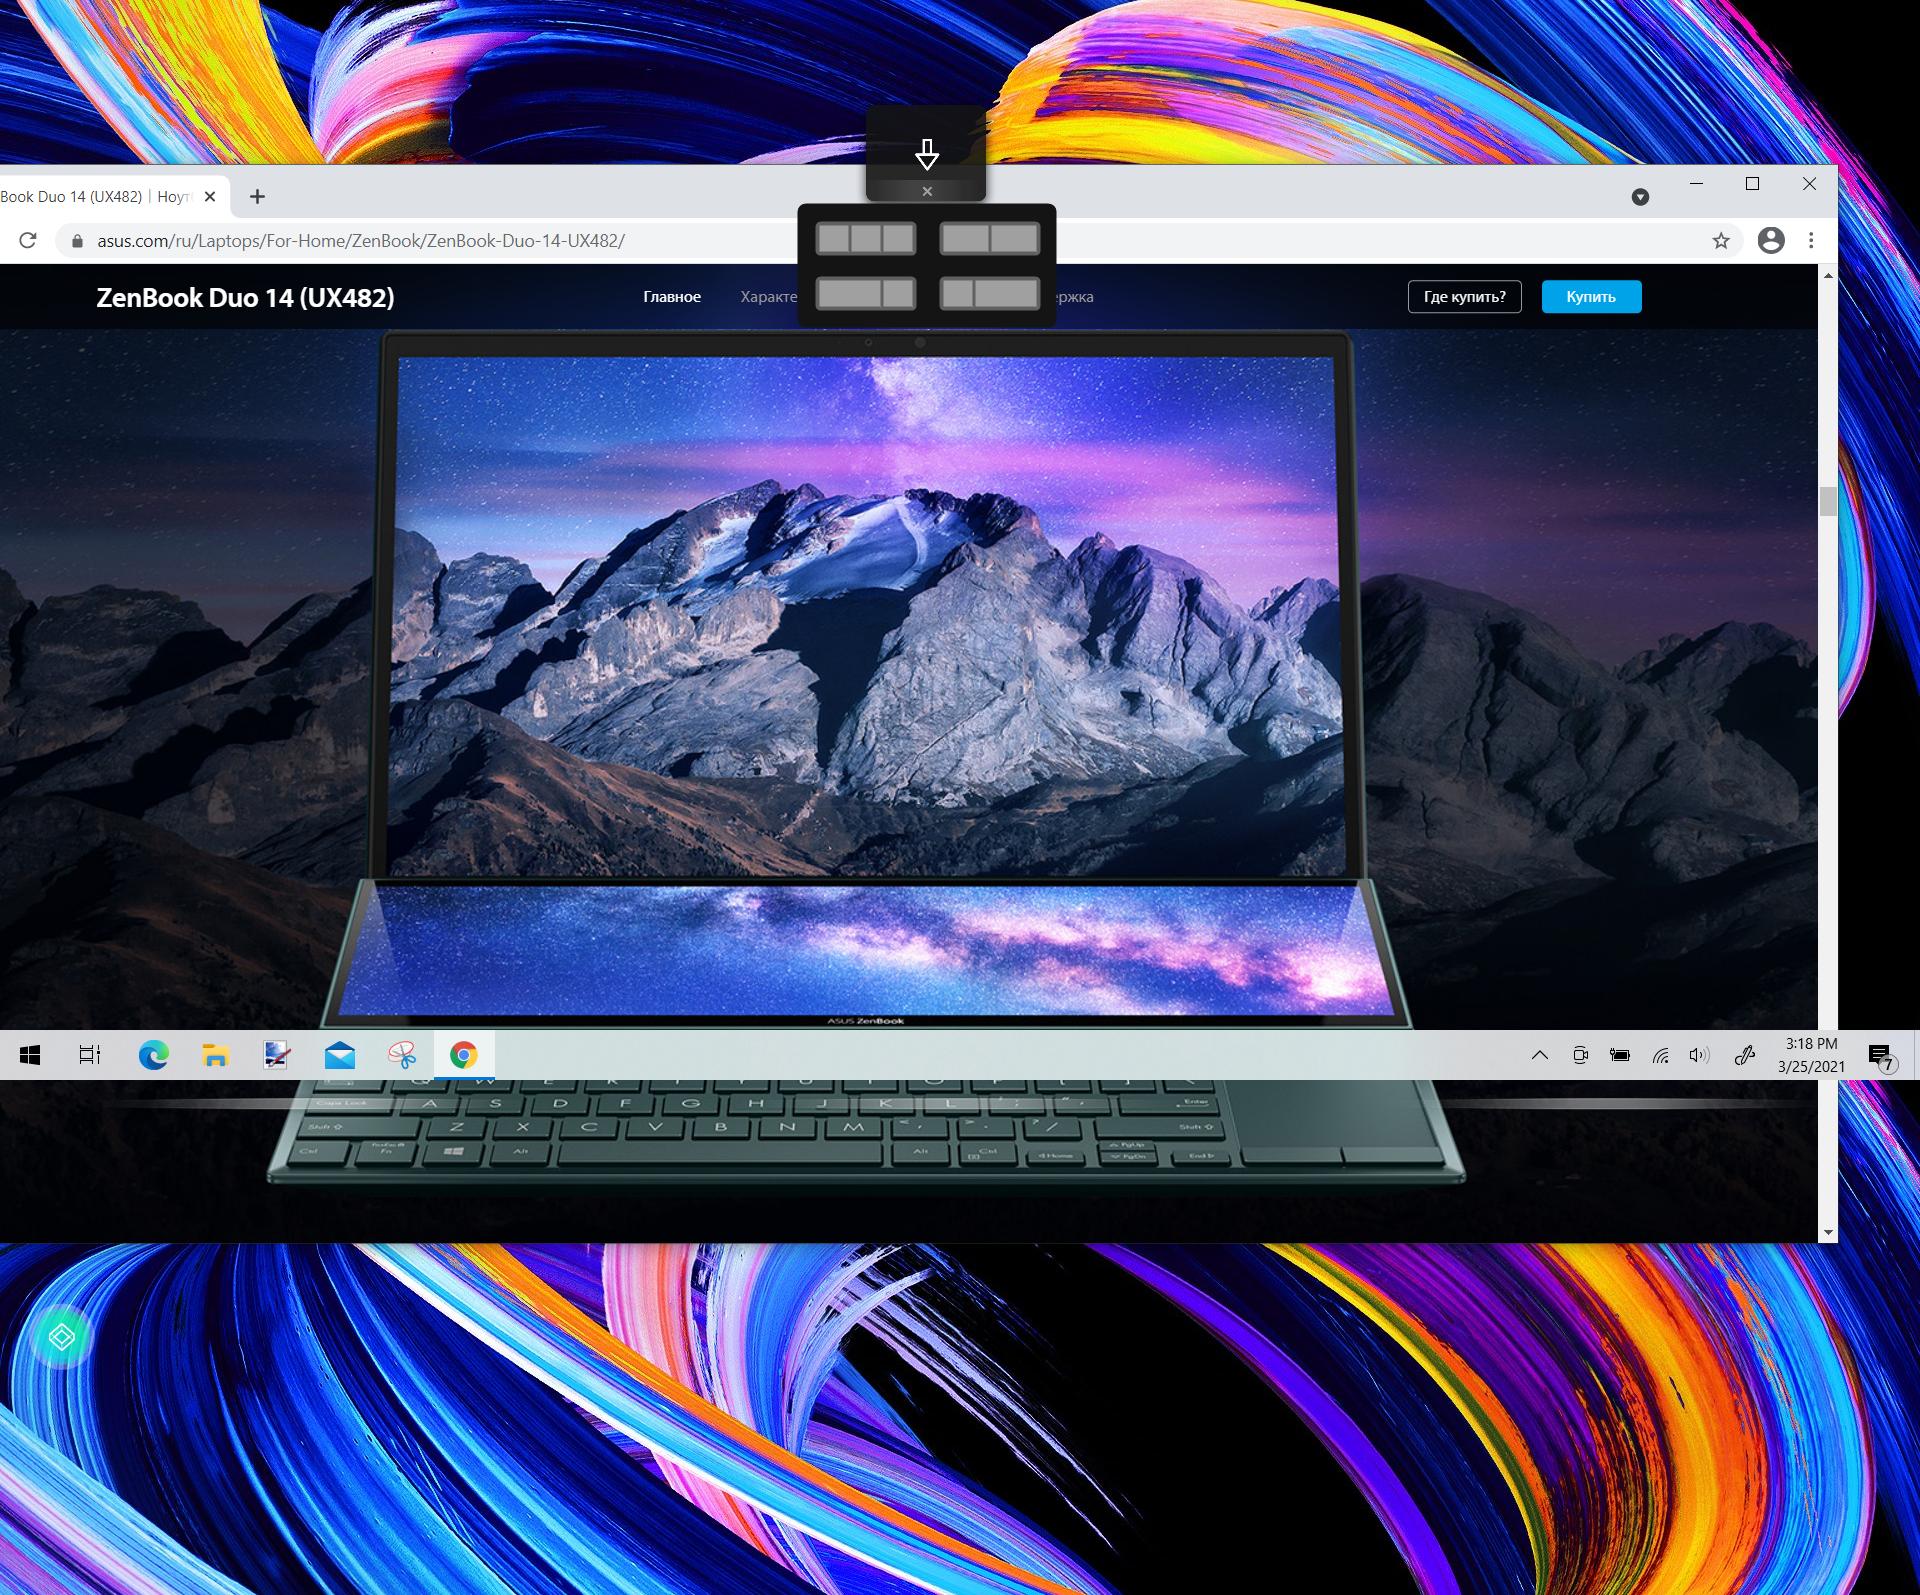 Перетаскивание окон на ASUS ScreenPad Plus